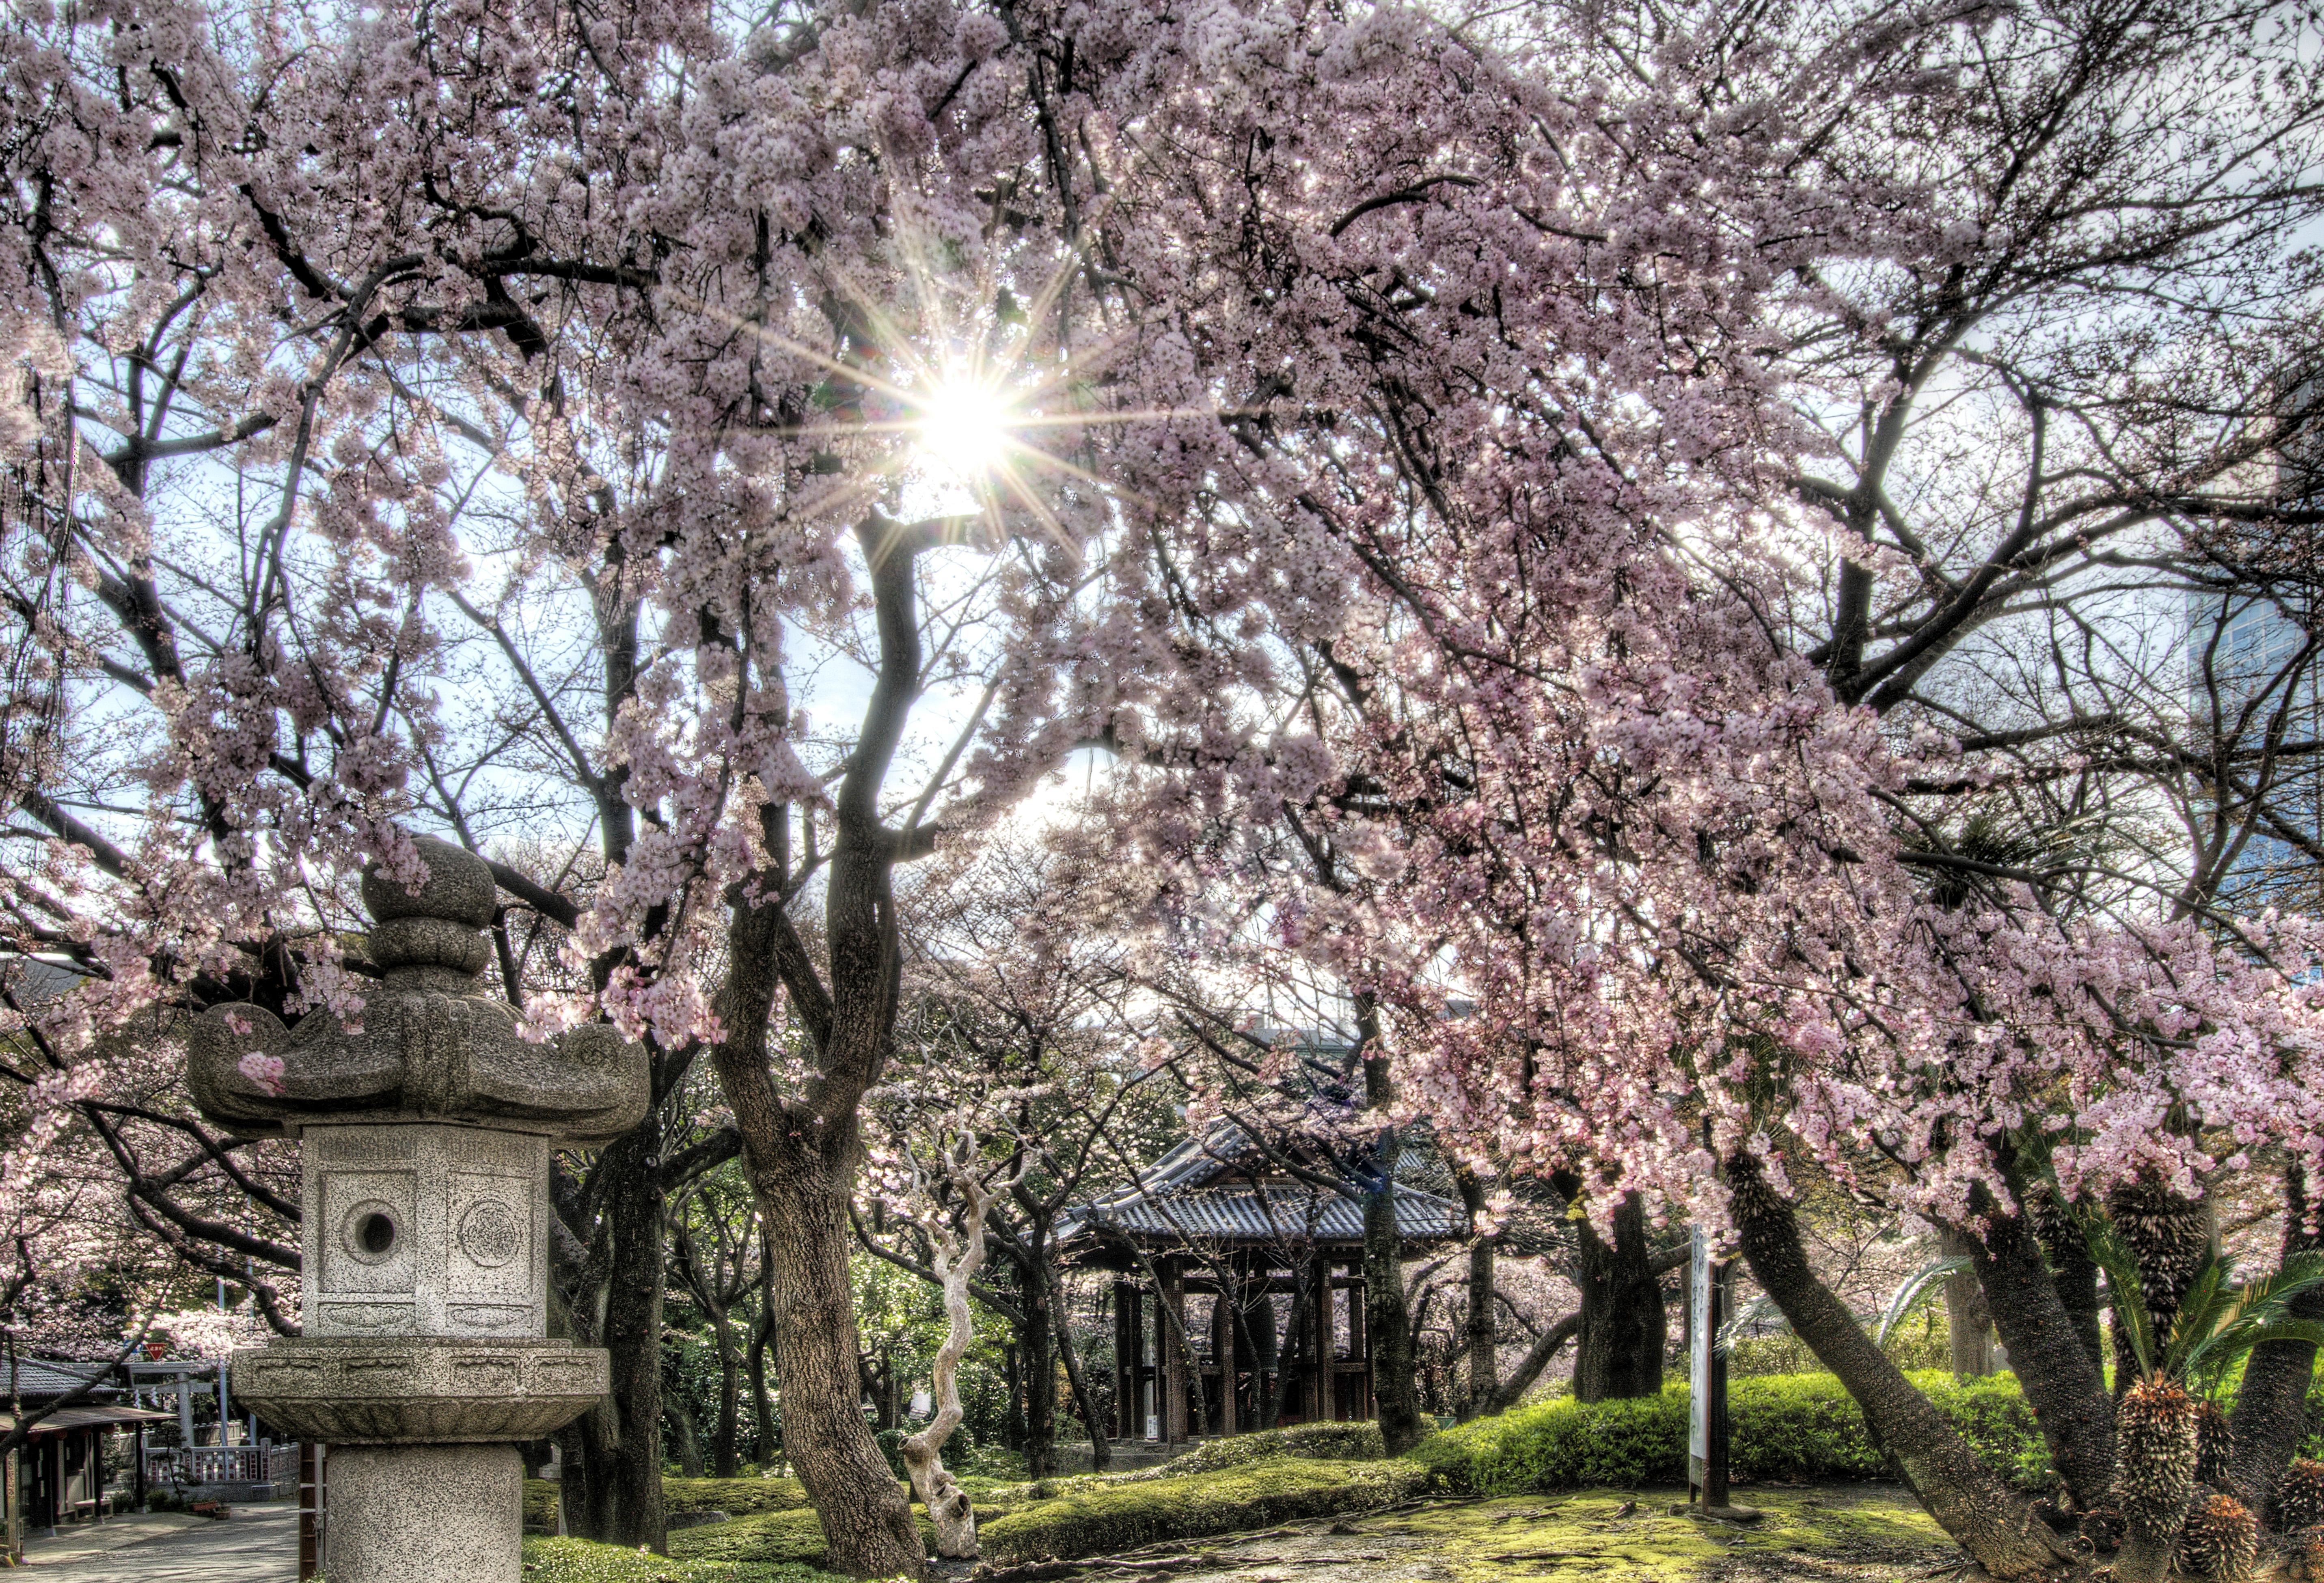 Tokyo, Japan – Cherry Blossoms (HDR) « Places 2 Explore